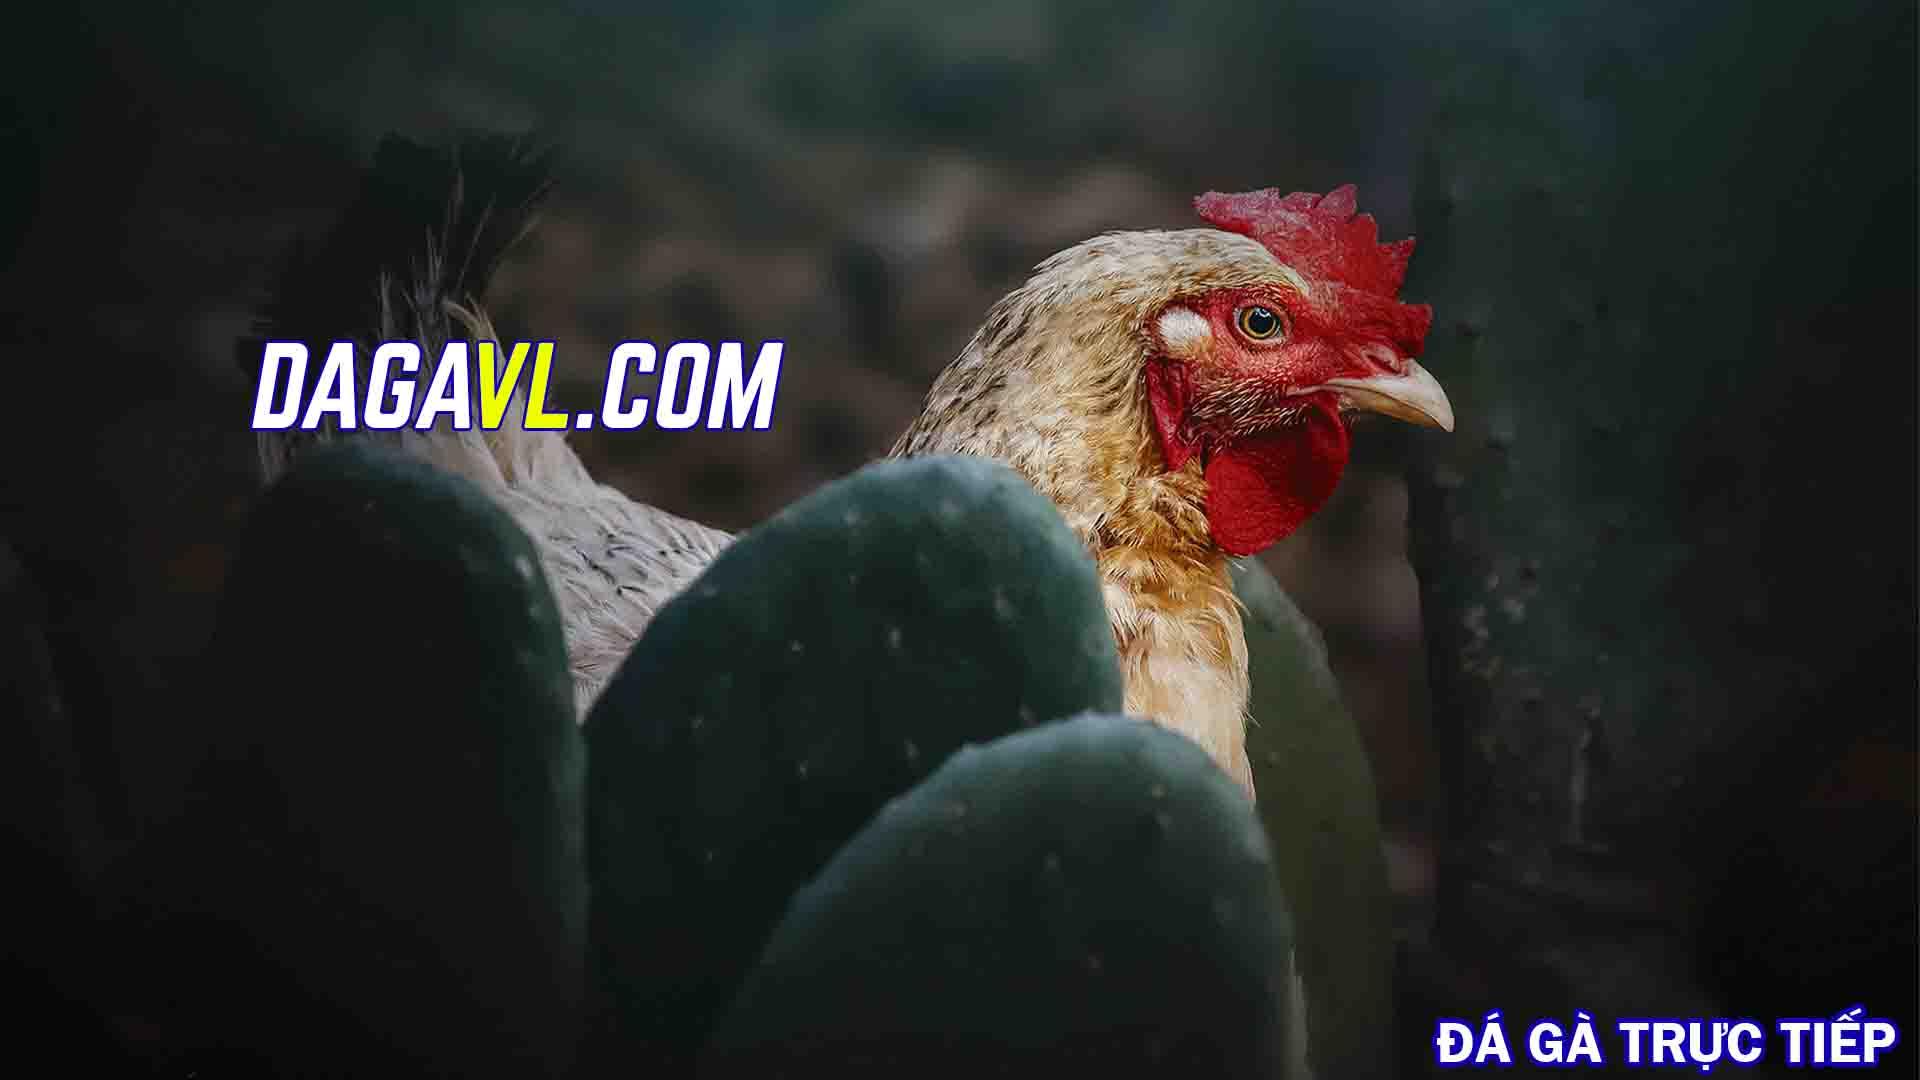 DAGAVL.COM - Thu nhập từ nuôi gà đá thả vườn